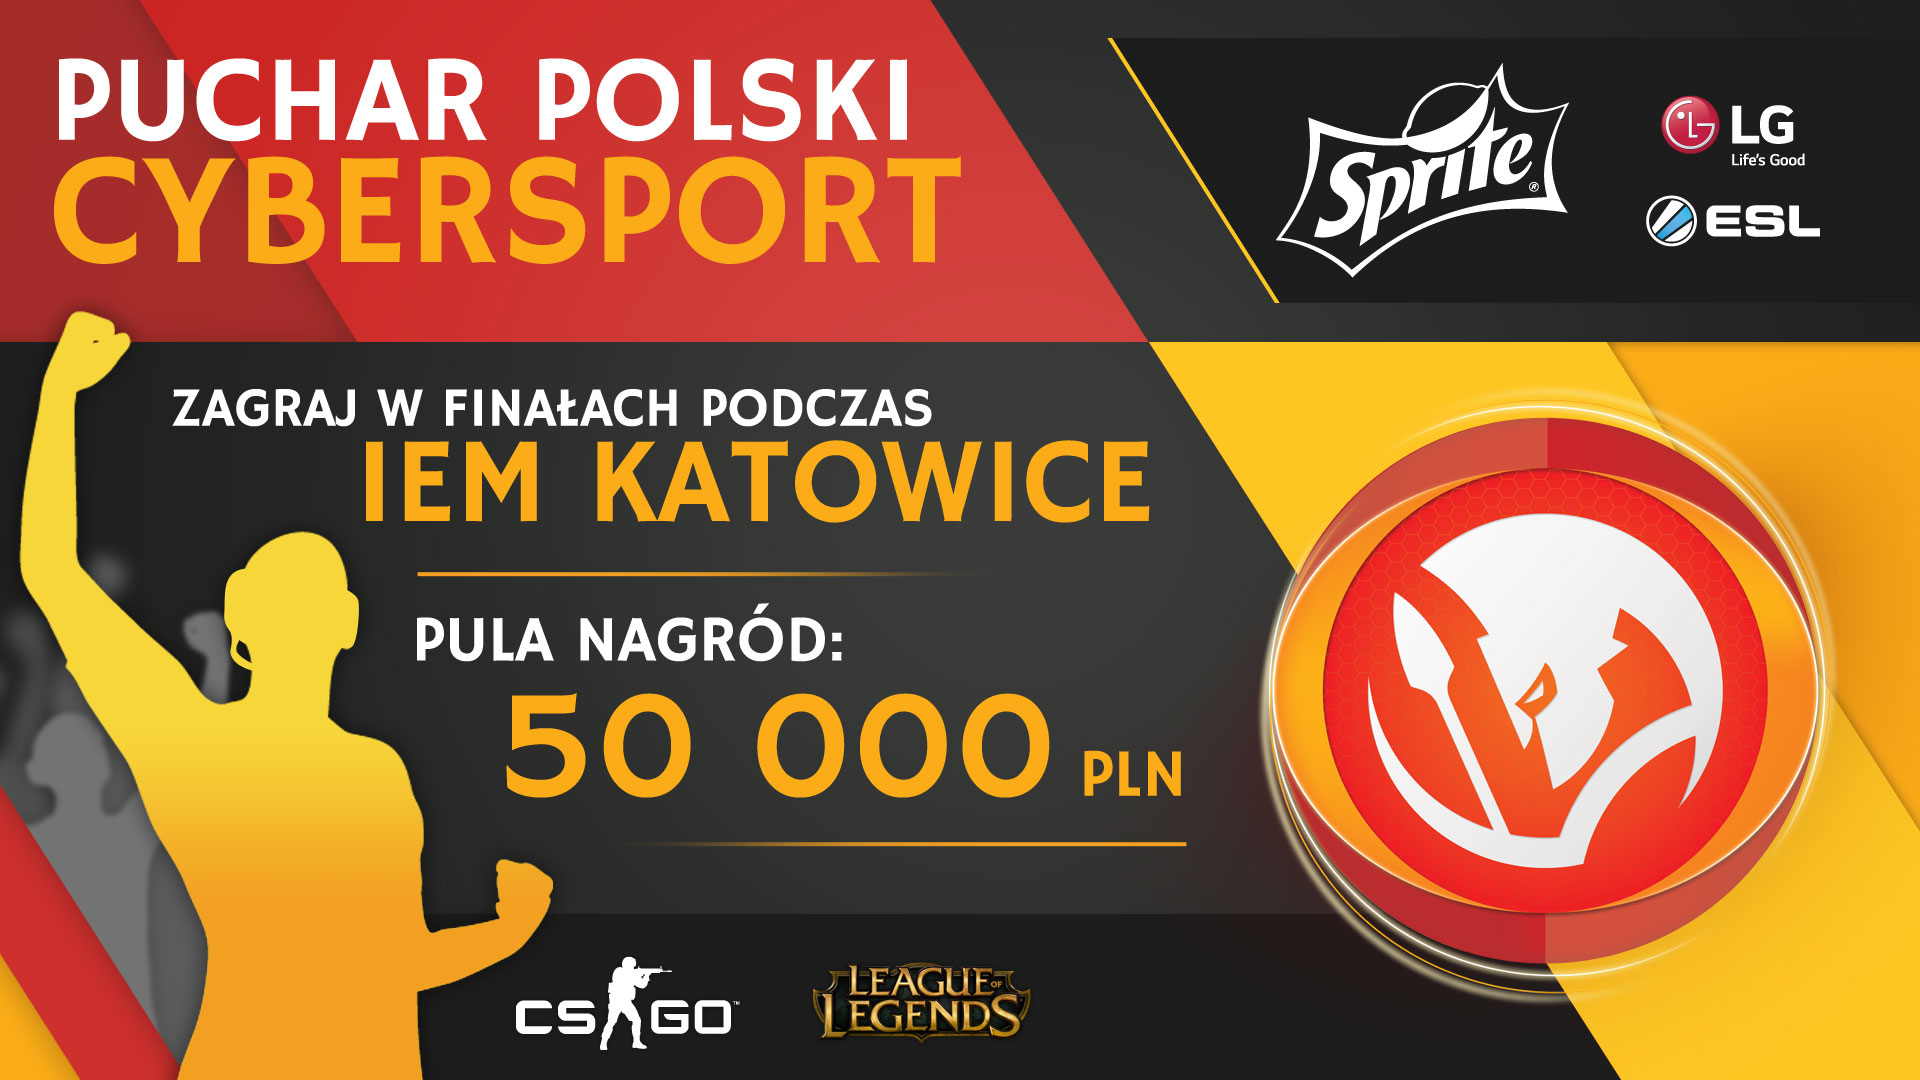 Puchar Polski Cybersport